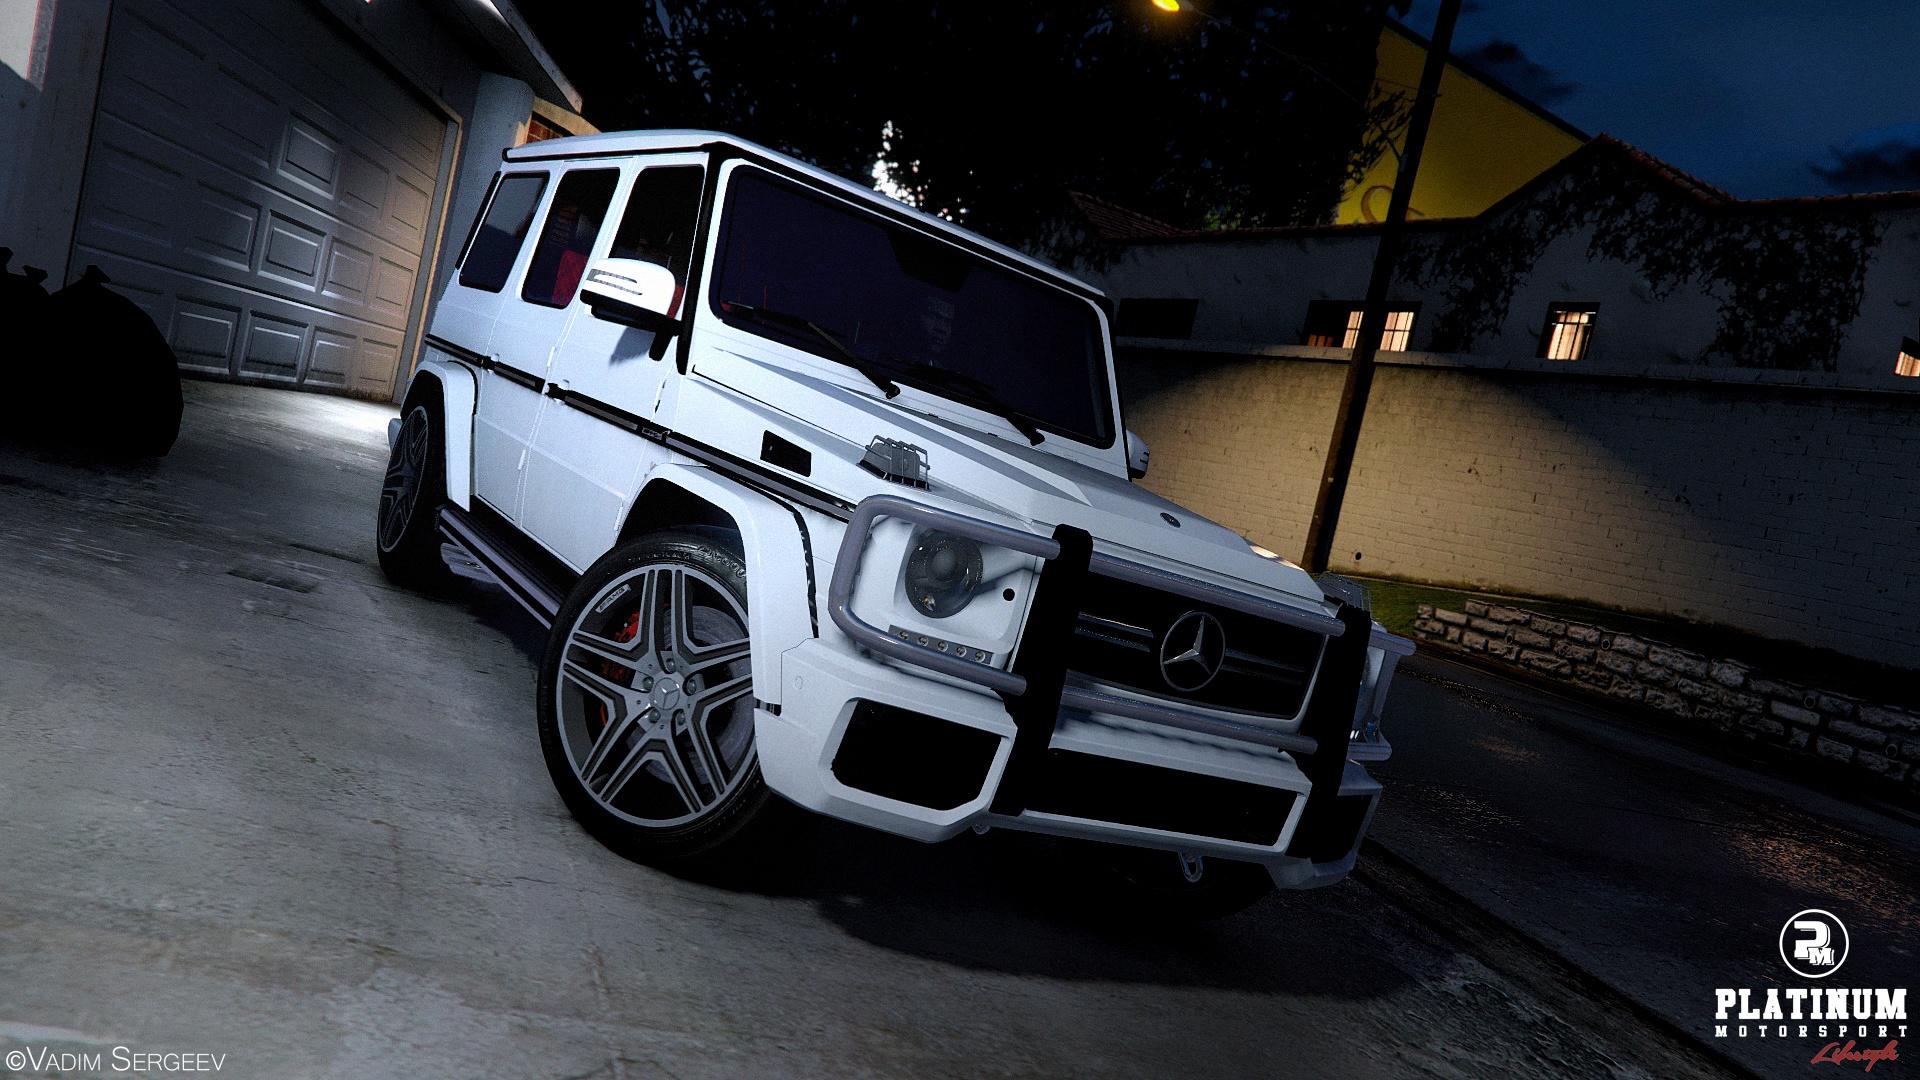 97a5c1 gta5 2015 12 06 23 06 16 914 - Mercedes G65 Amg 66